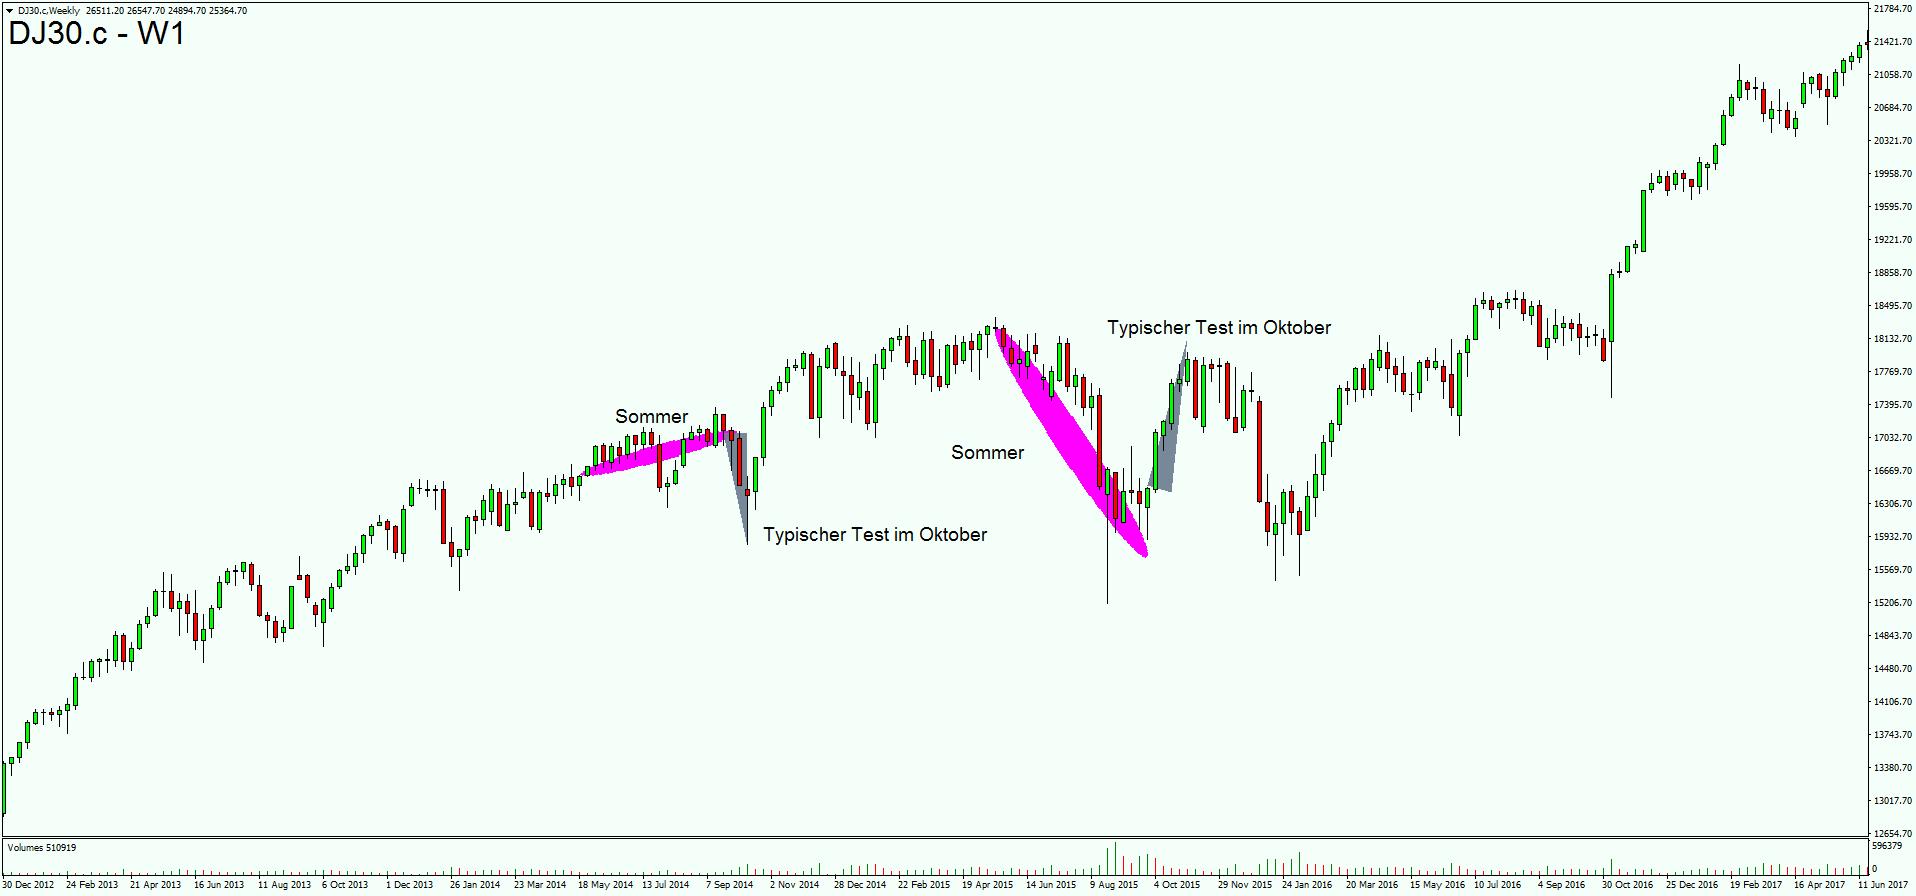 Dow Jones Geschichte wiederholt sich